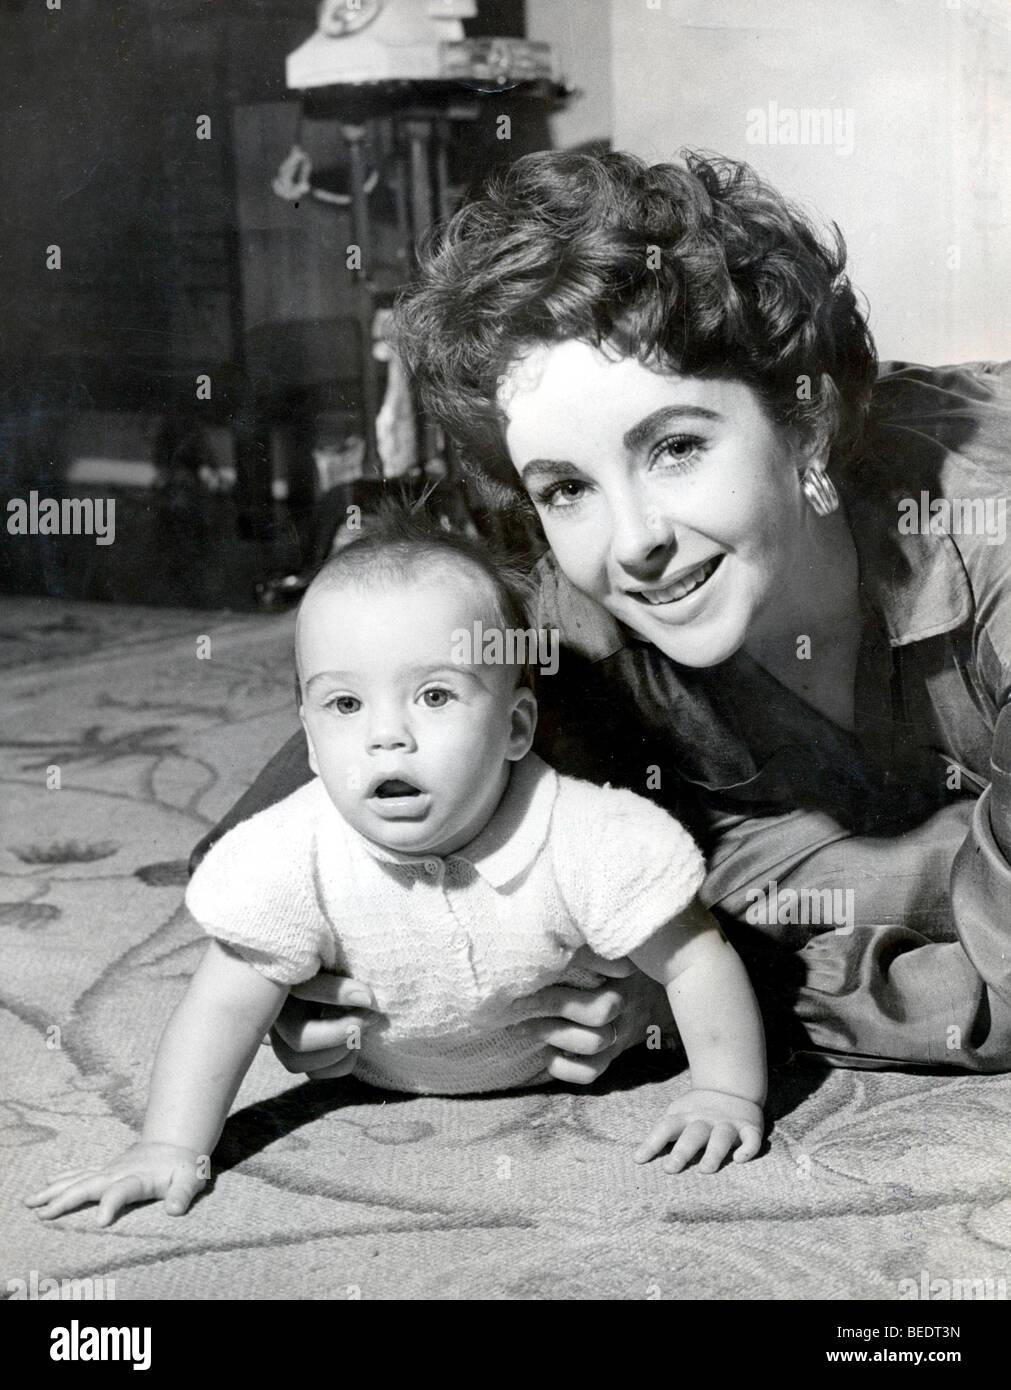 5512438 (900324) Elizabeth (Liz) TAYLOR , amerikanische Schauspielerin , mit Sohn Michael auf dem Teppich , 21.09.1953 - Stock Image